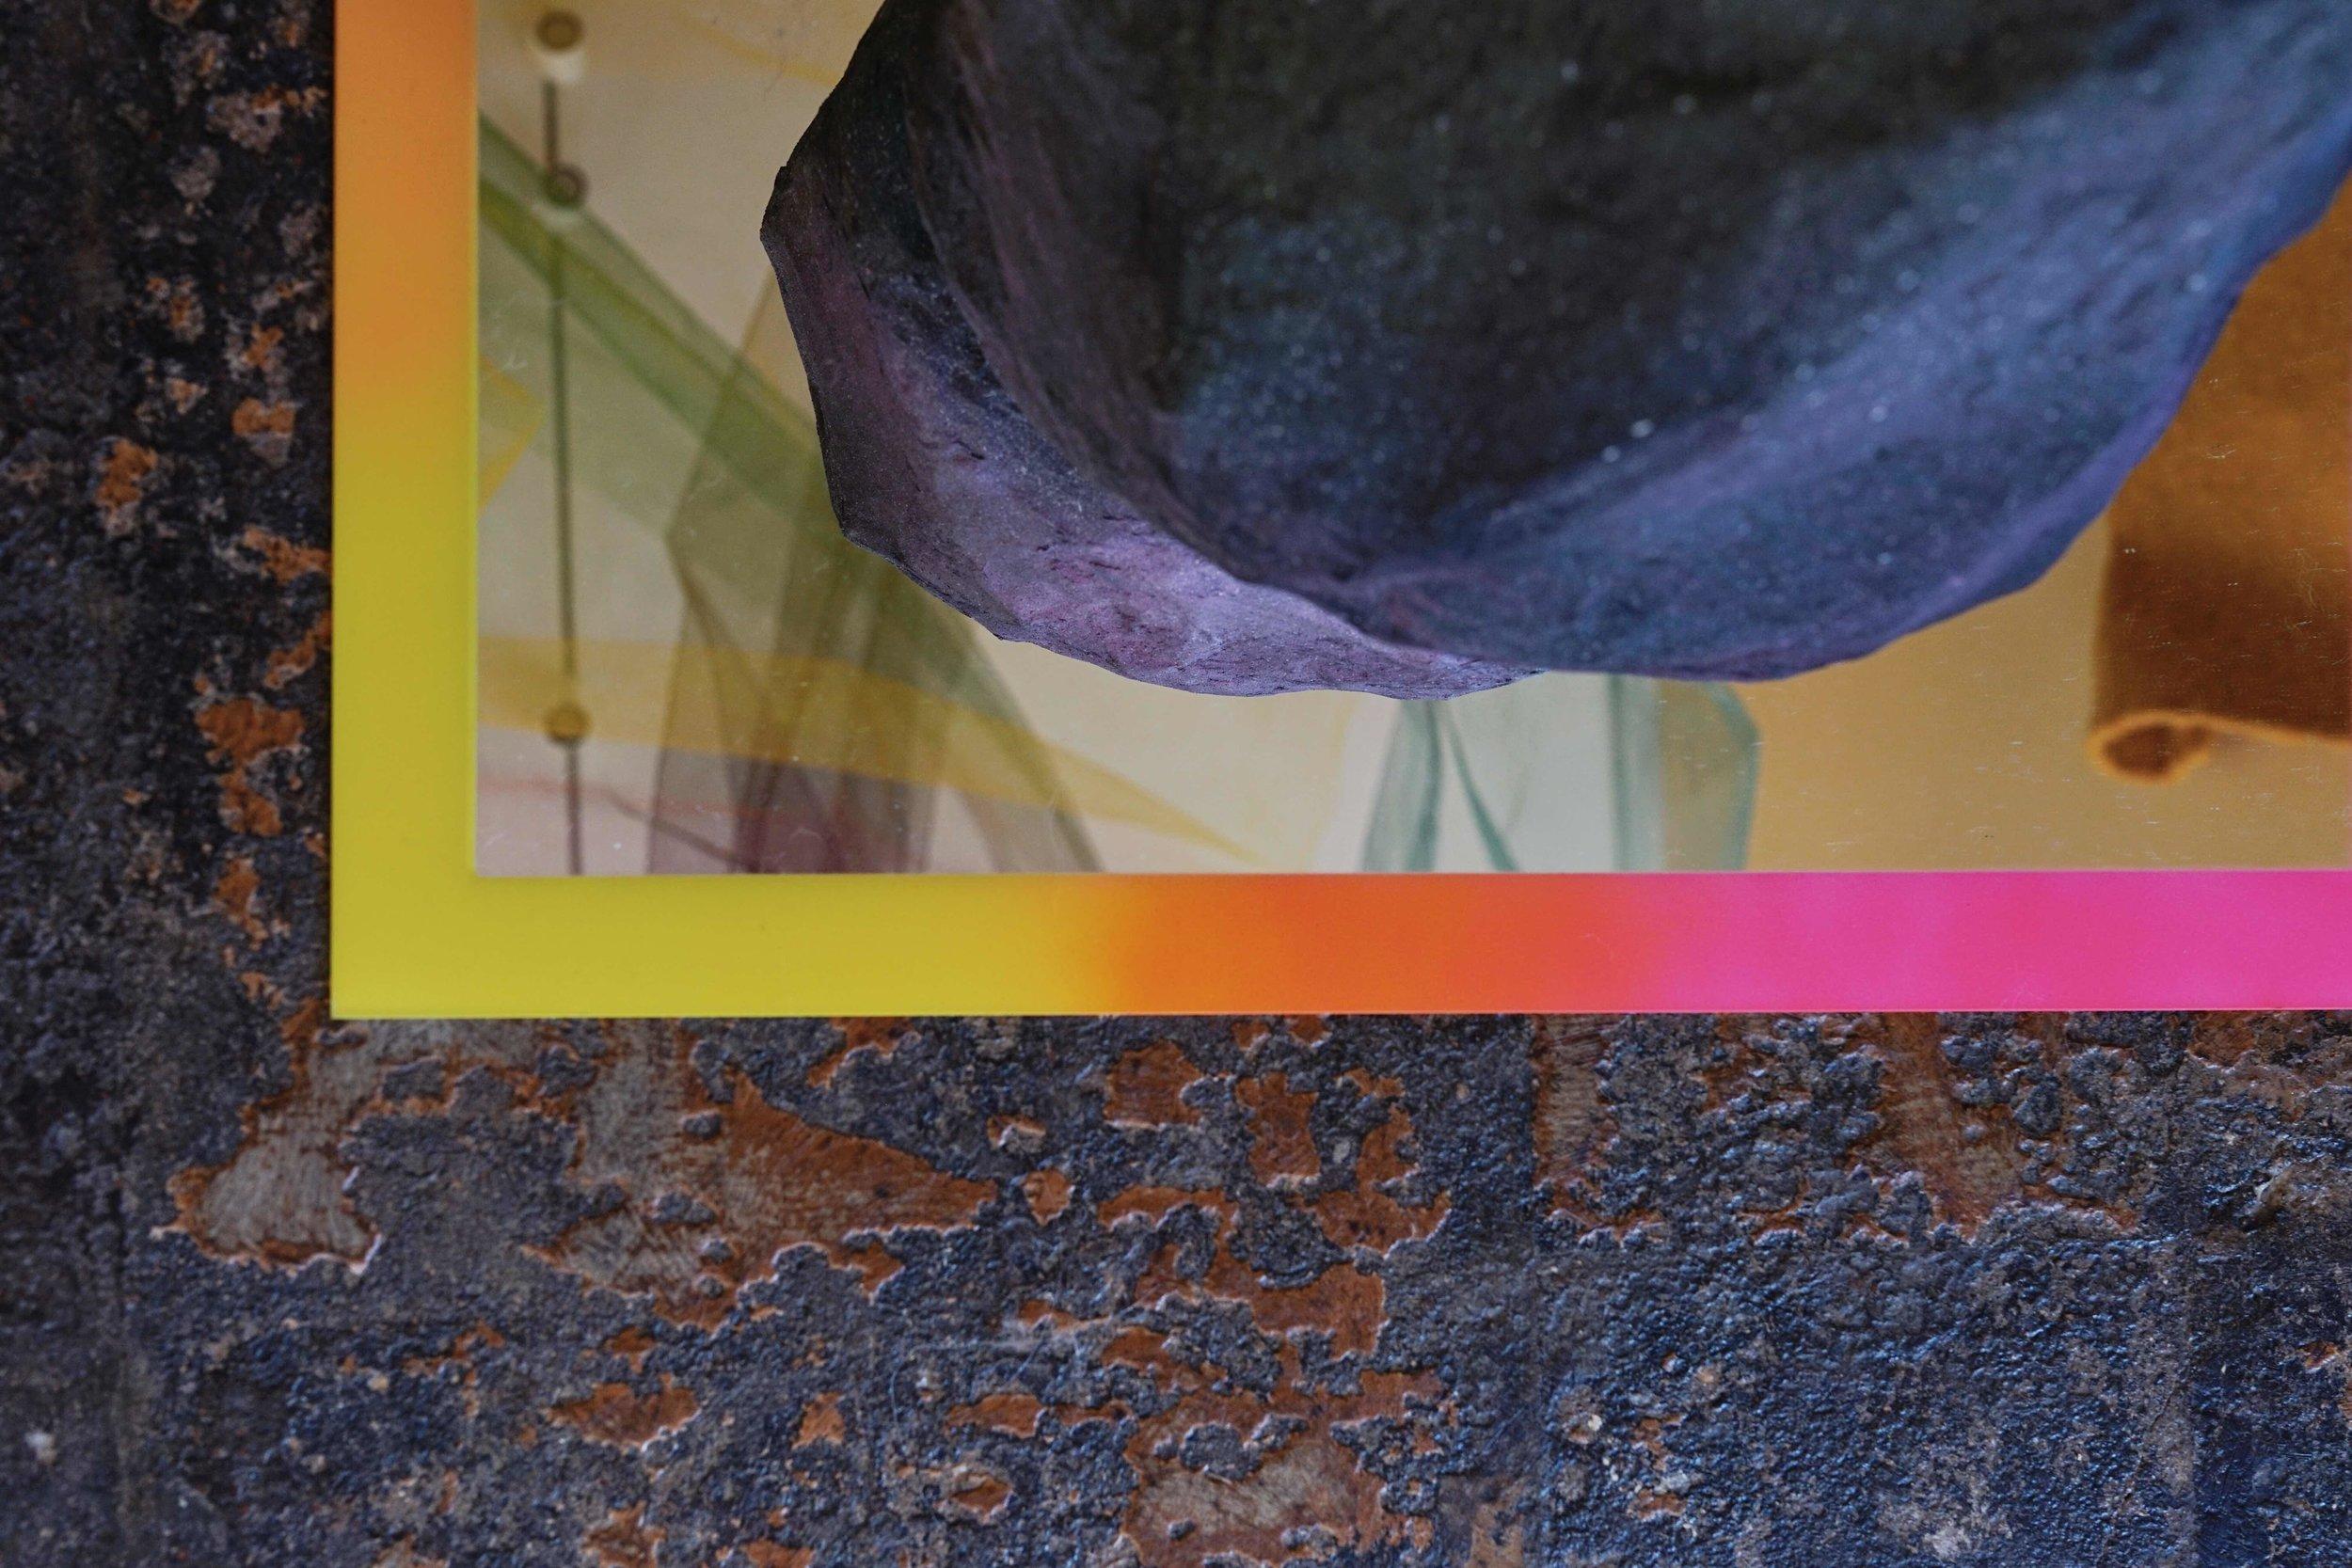 ASROSENVINGE_3DaysOfDesign_Copenhagen14B3B910-FF55-42C8-B90B-E6D8EA2CF1E8.jpg